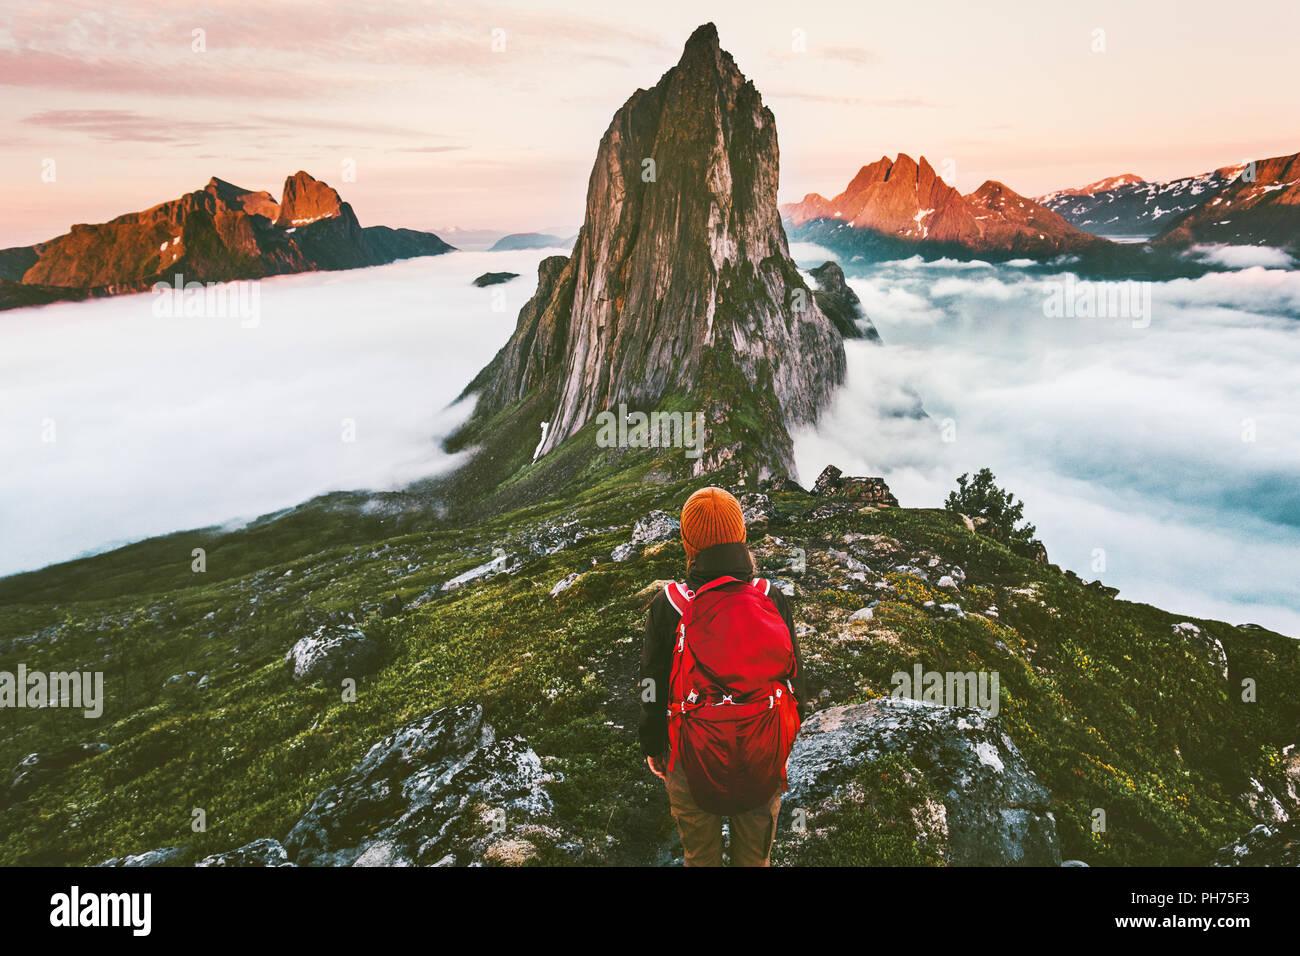 Traveler appréciant le coucher du soleil en plein air d'aventure Randonnées montagne Segla en Norvège vacances actives vie voyage Banque D'Images